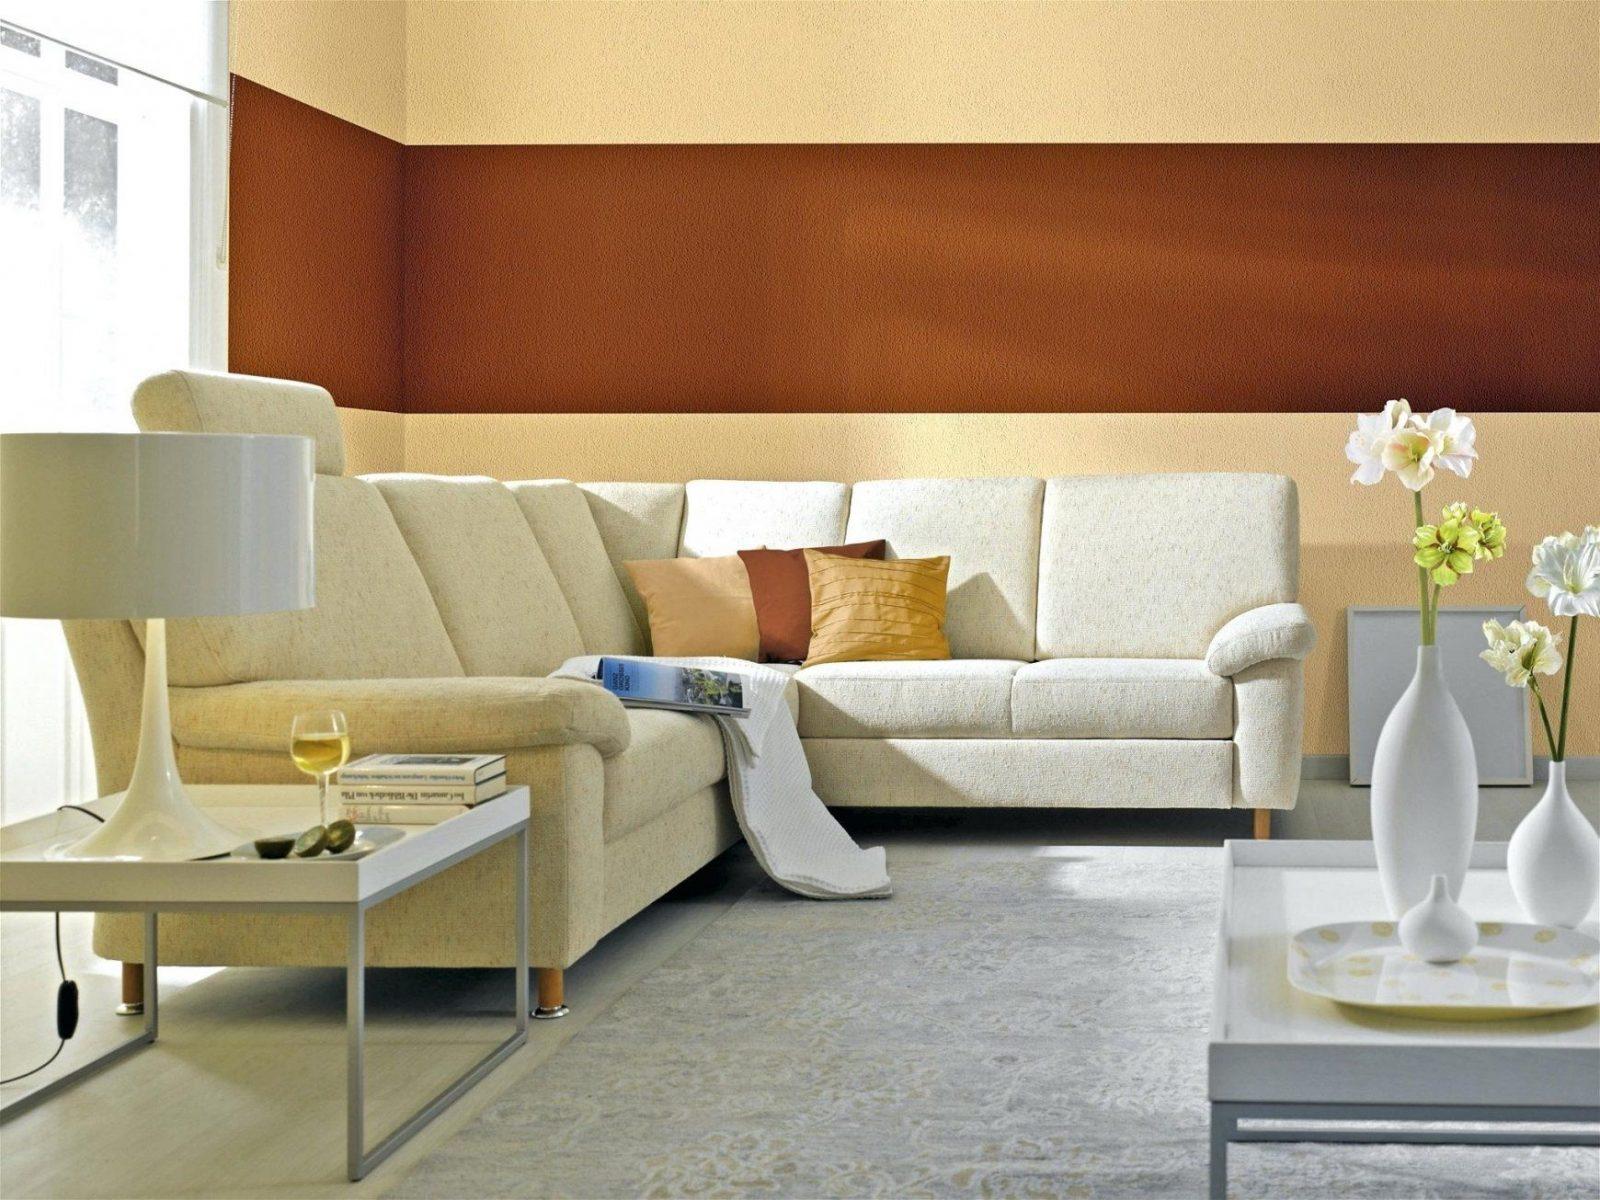 Wohnzimmer In Orange Braun Und Teakholz | Wohnzimmer Streichen ...